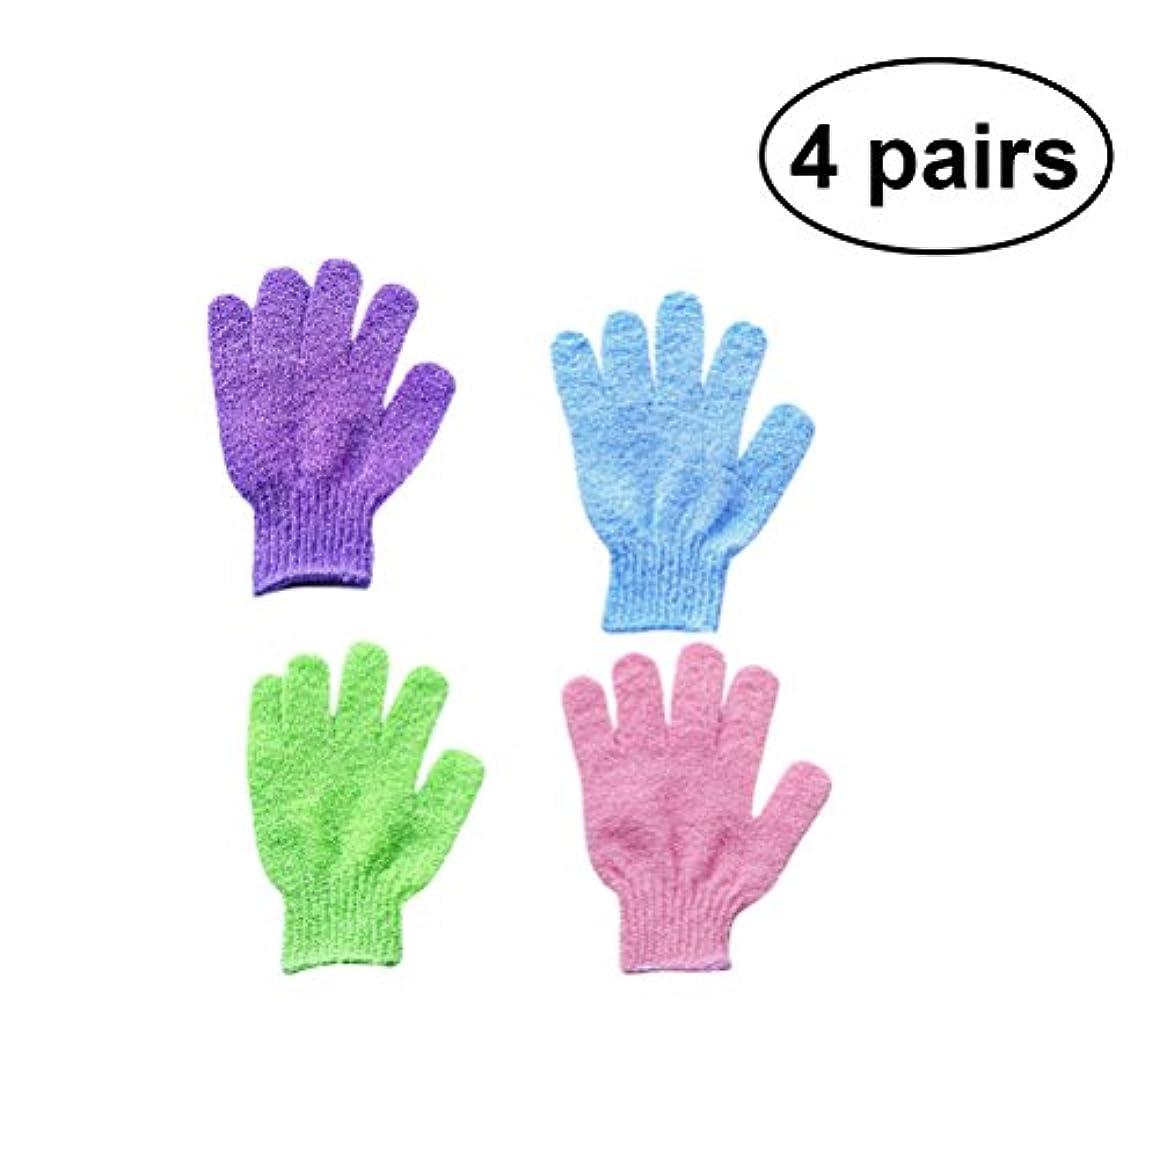 休戦なだめる梨Healifty 4 Pairs Exfoliating Bath Gloves Shower Mitts Exfoliating Body Spa Massage Dead Skin Cell Remover